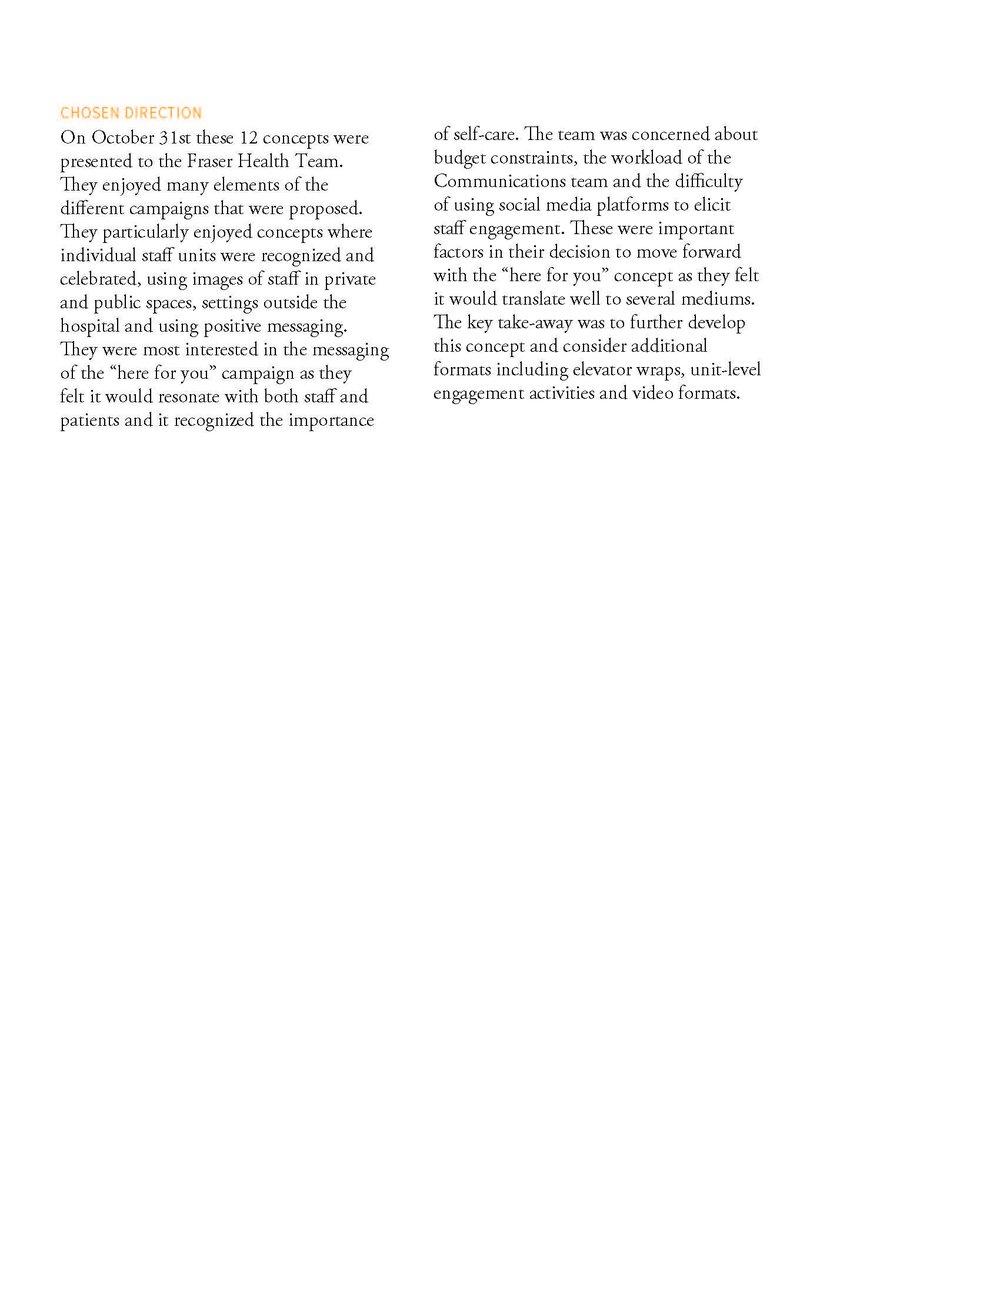 Copy of HDL_Fraser_Health_V4_Page_32.jpg